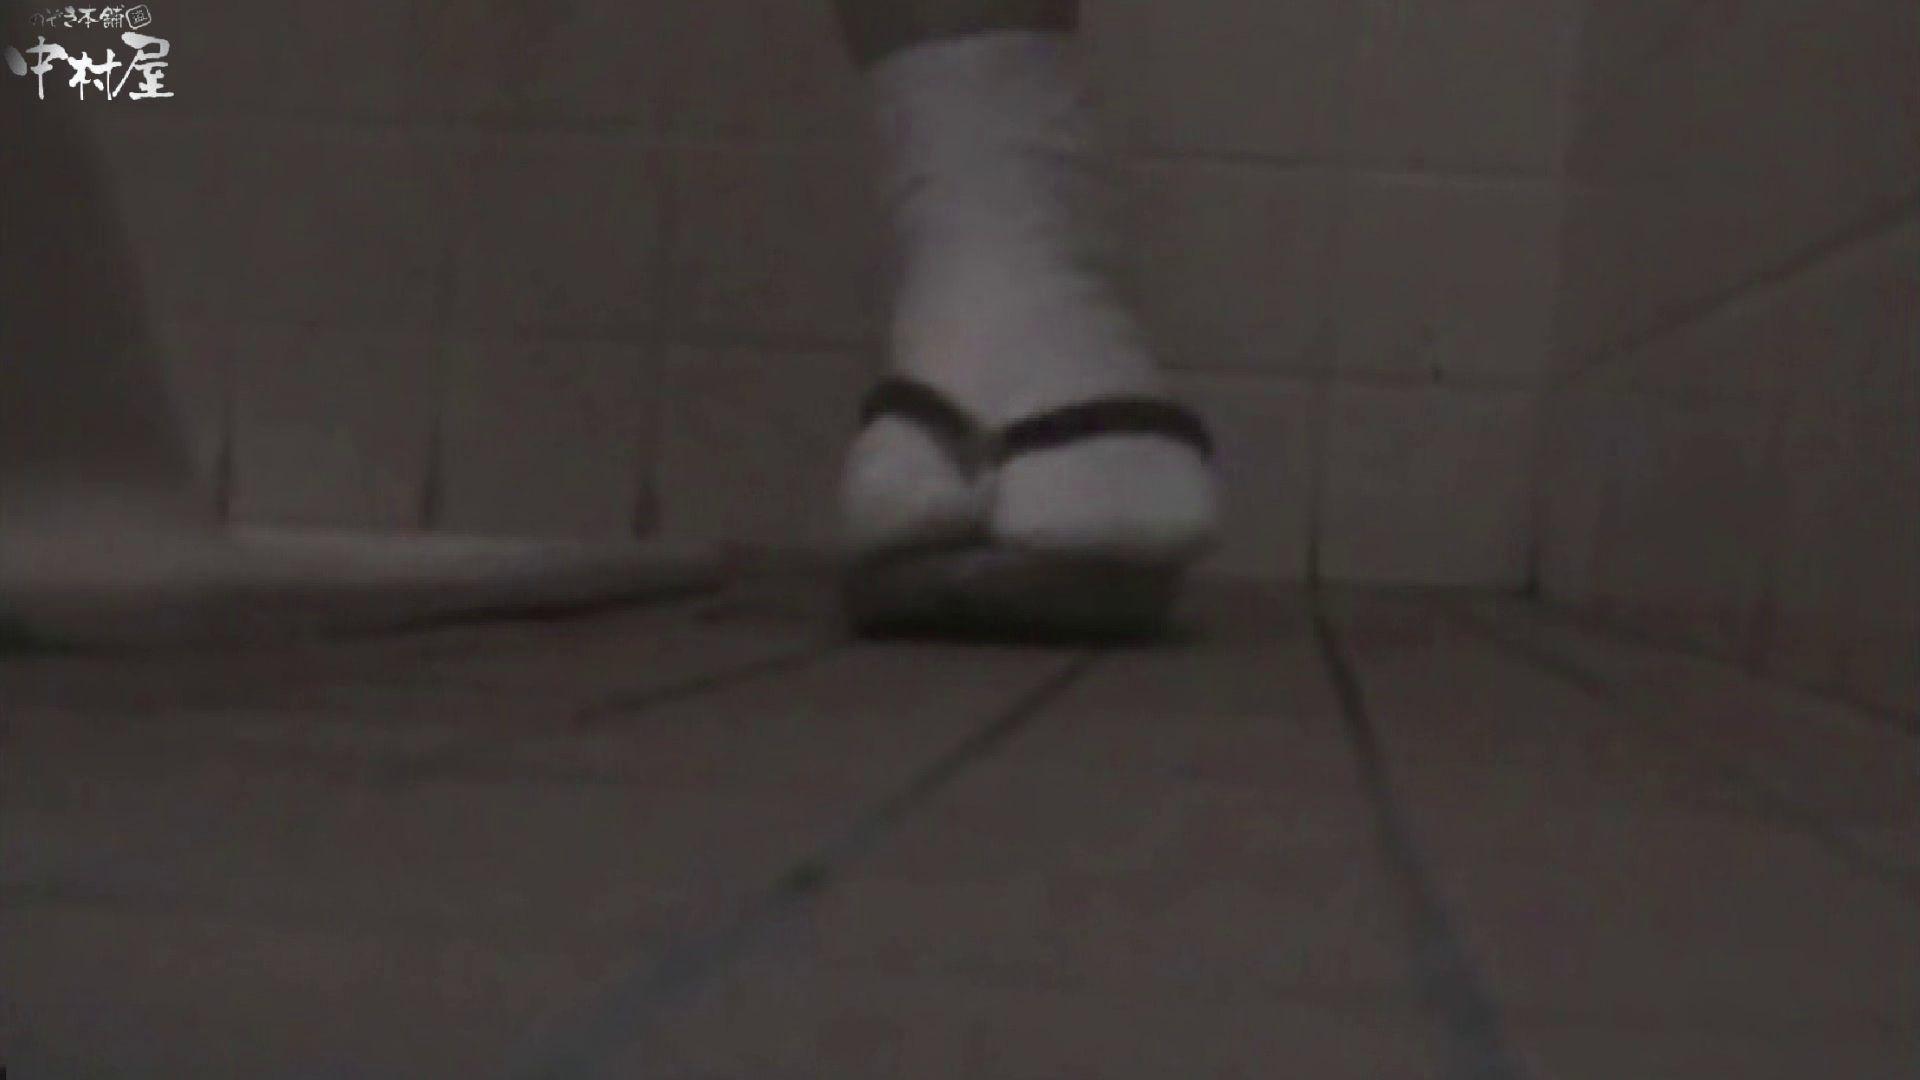 解禁!海の家4カメ洗面所vol.14 人気シリーズ 性交動画流出 59連発 59